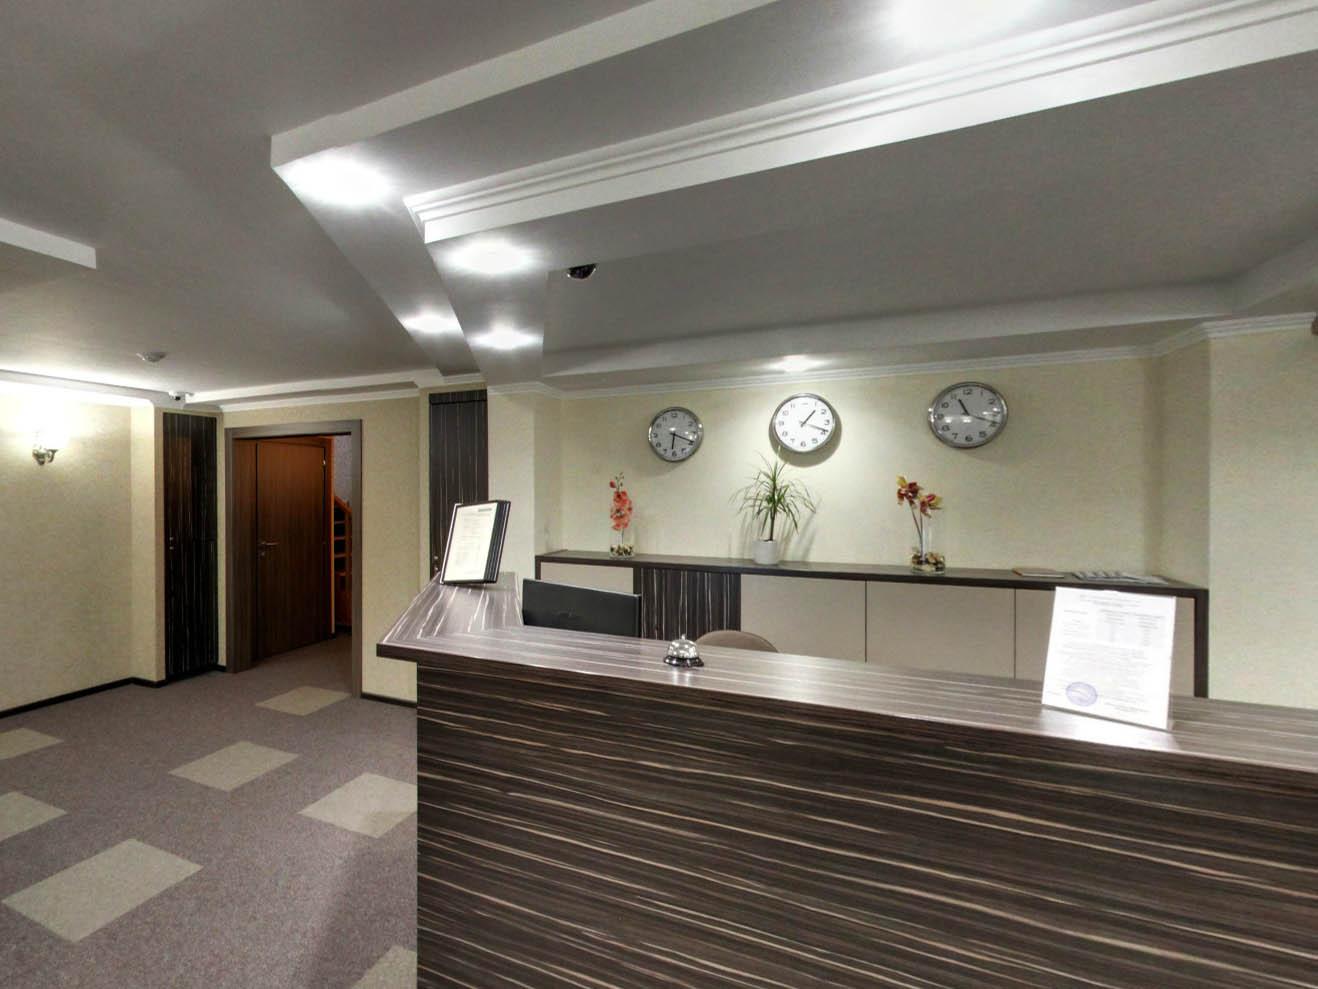 МАКСИМЪ, гостиница